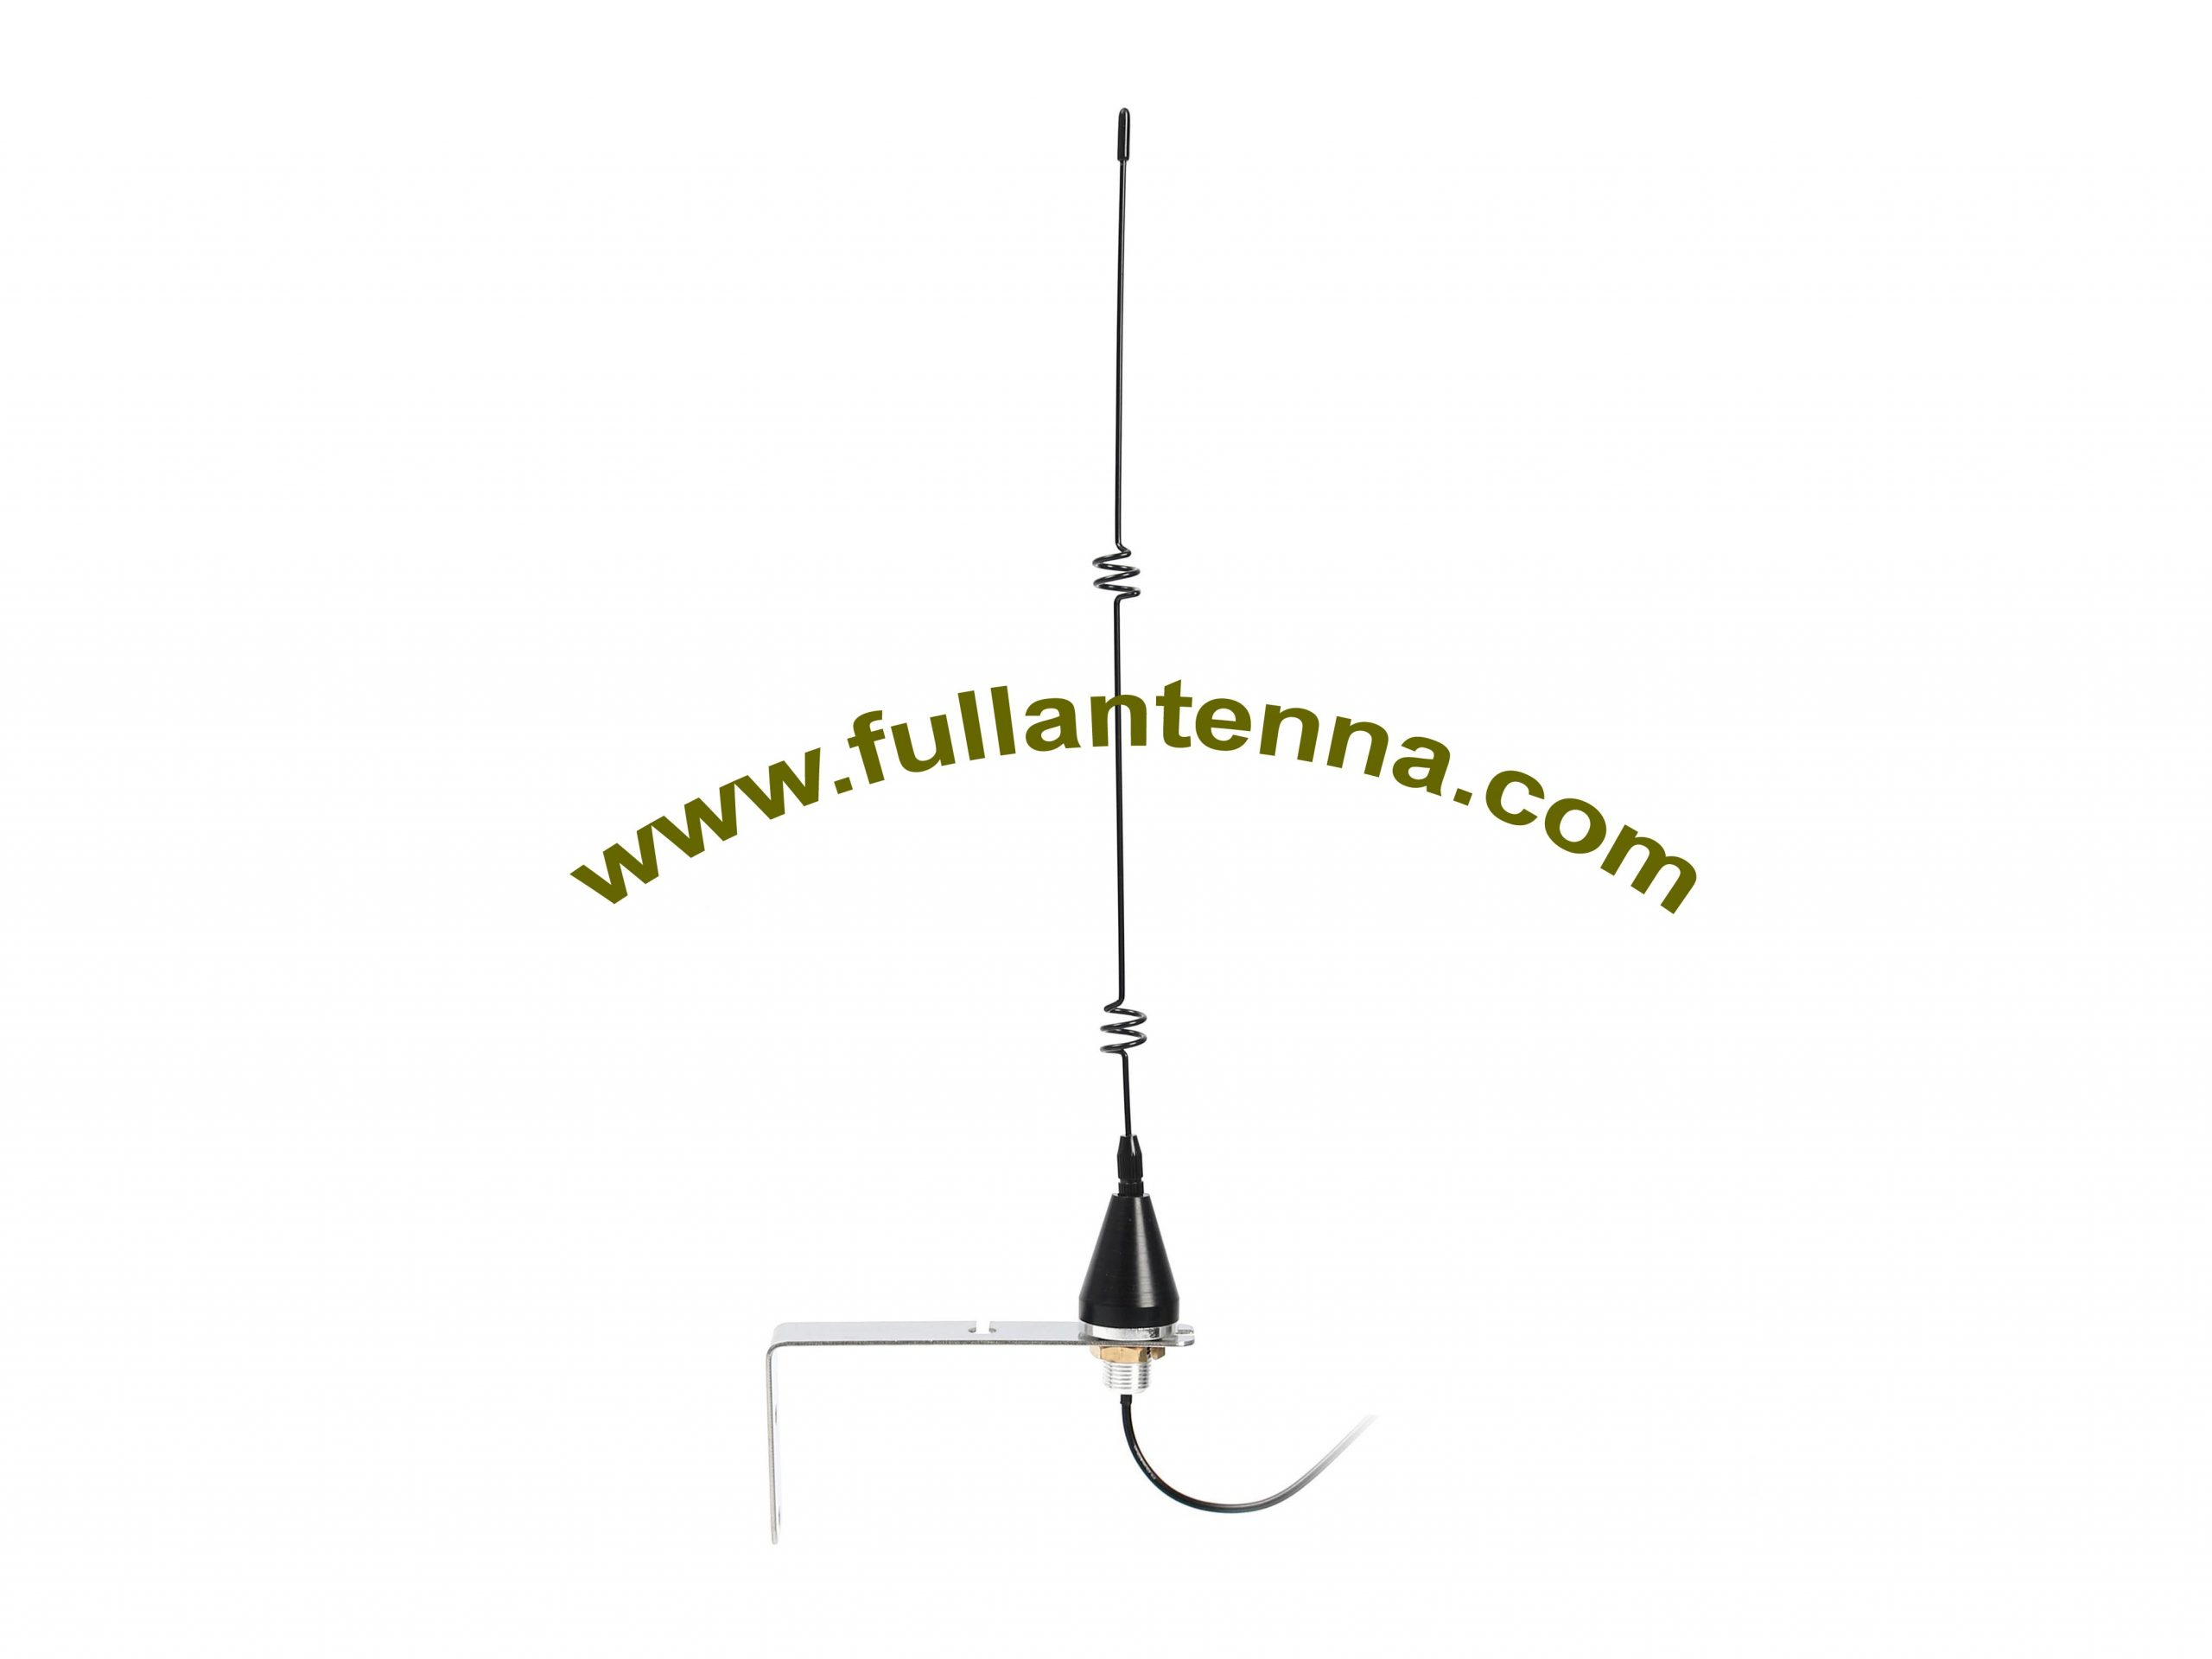 P/N:FALTE.0603L,4G/LTE External Antenna,4G  LTEantenna with L bracket  wall mount